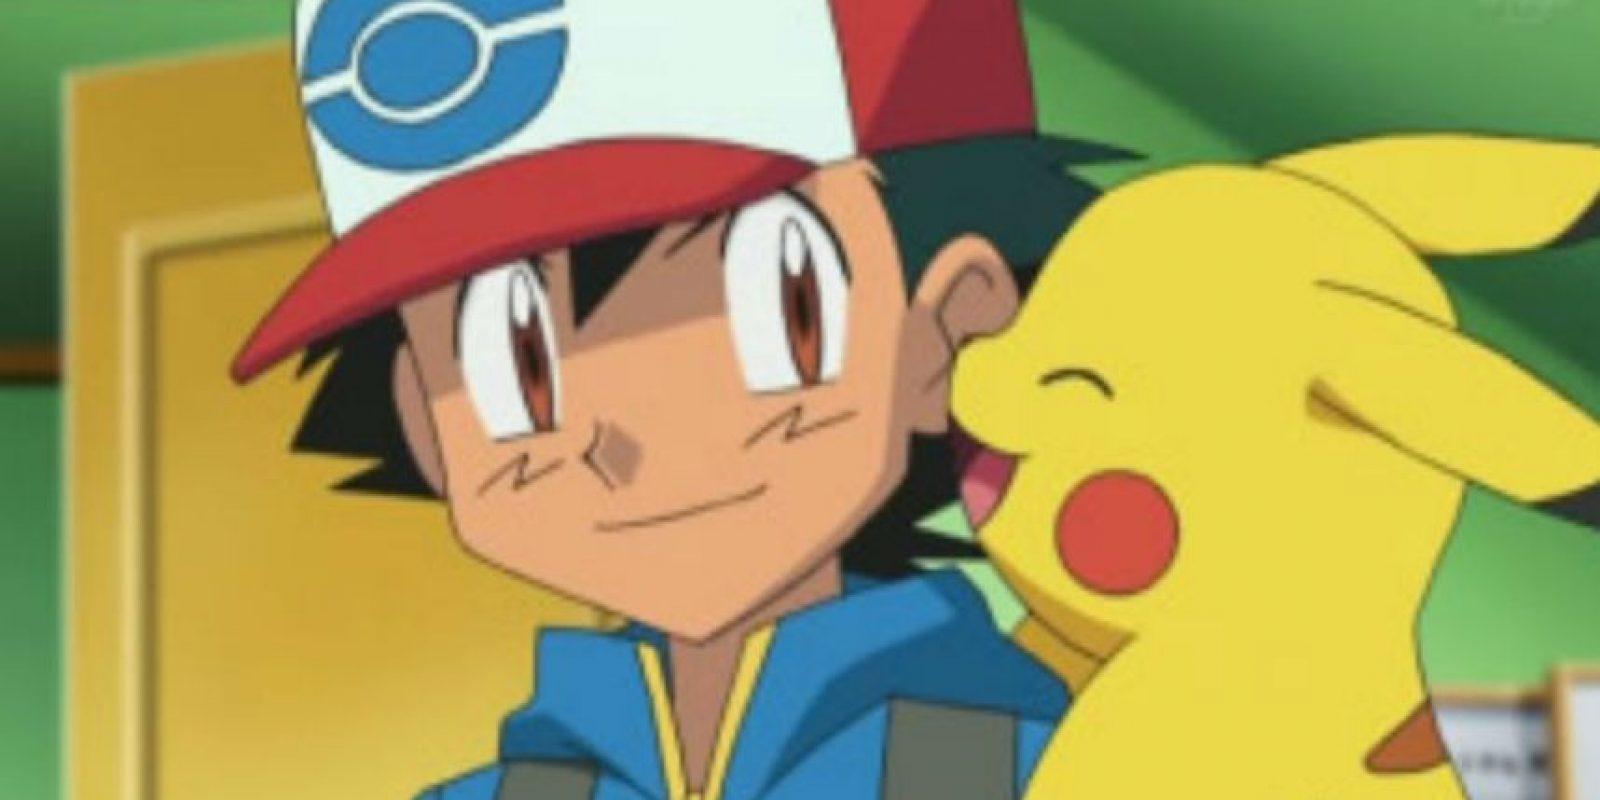 Llegará en la próxima actualización. Foto:Pokémon